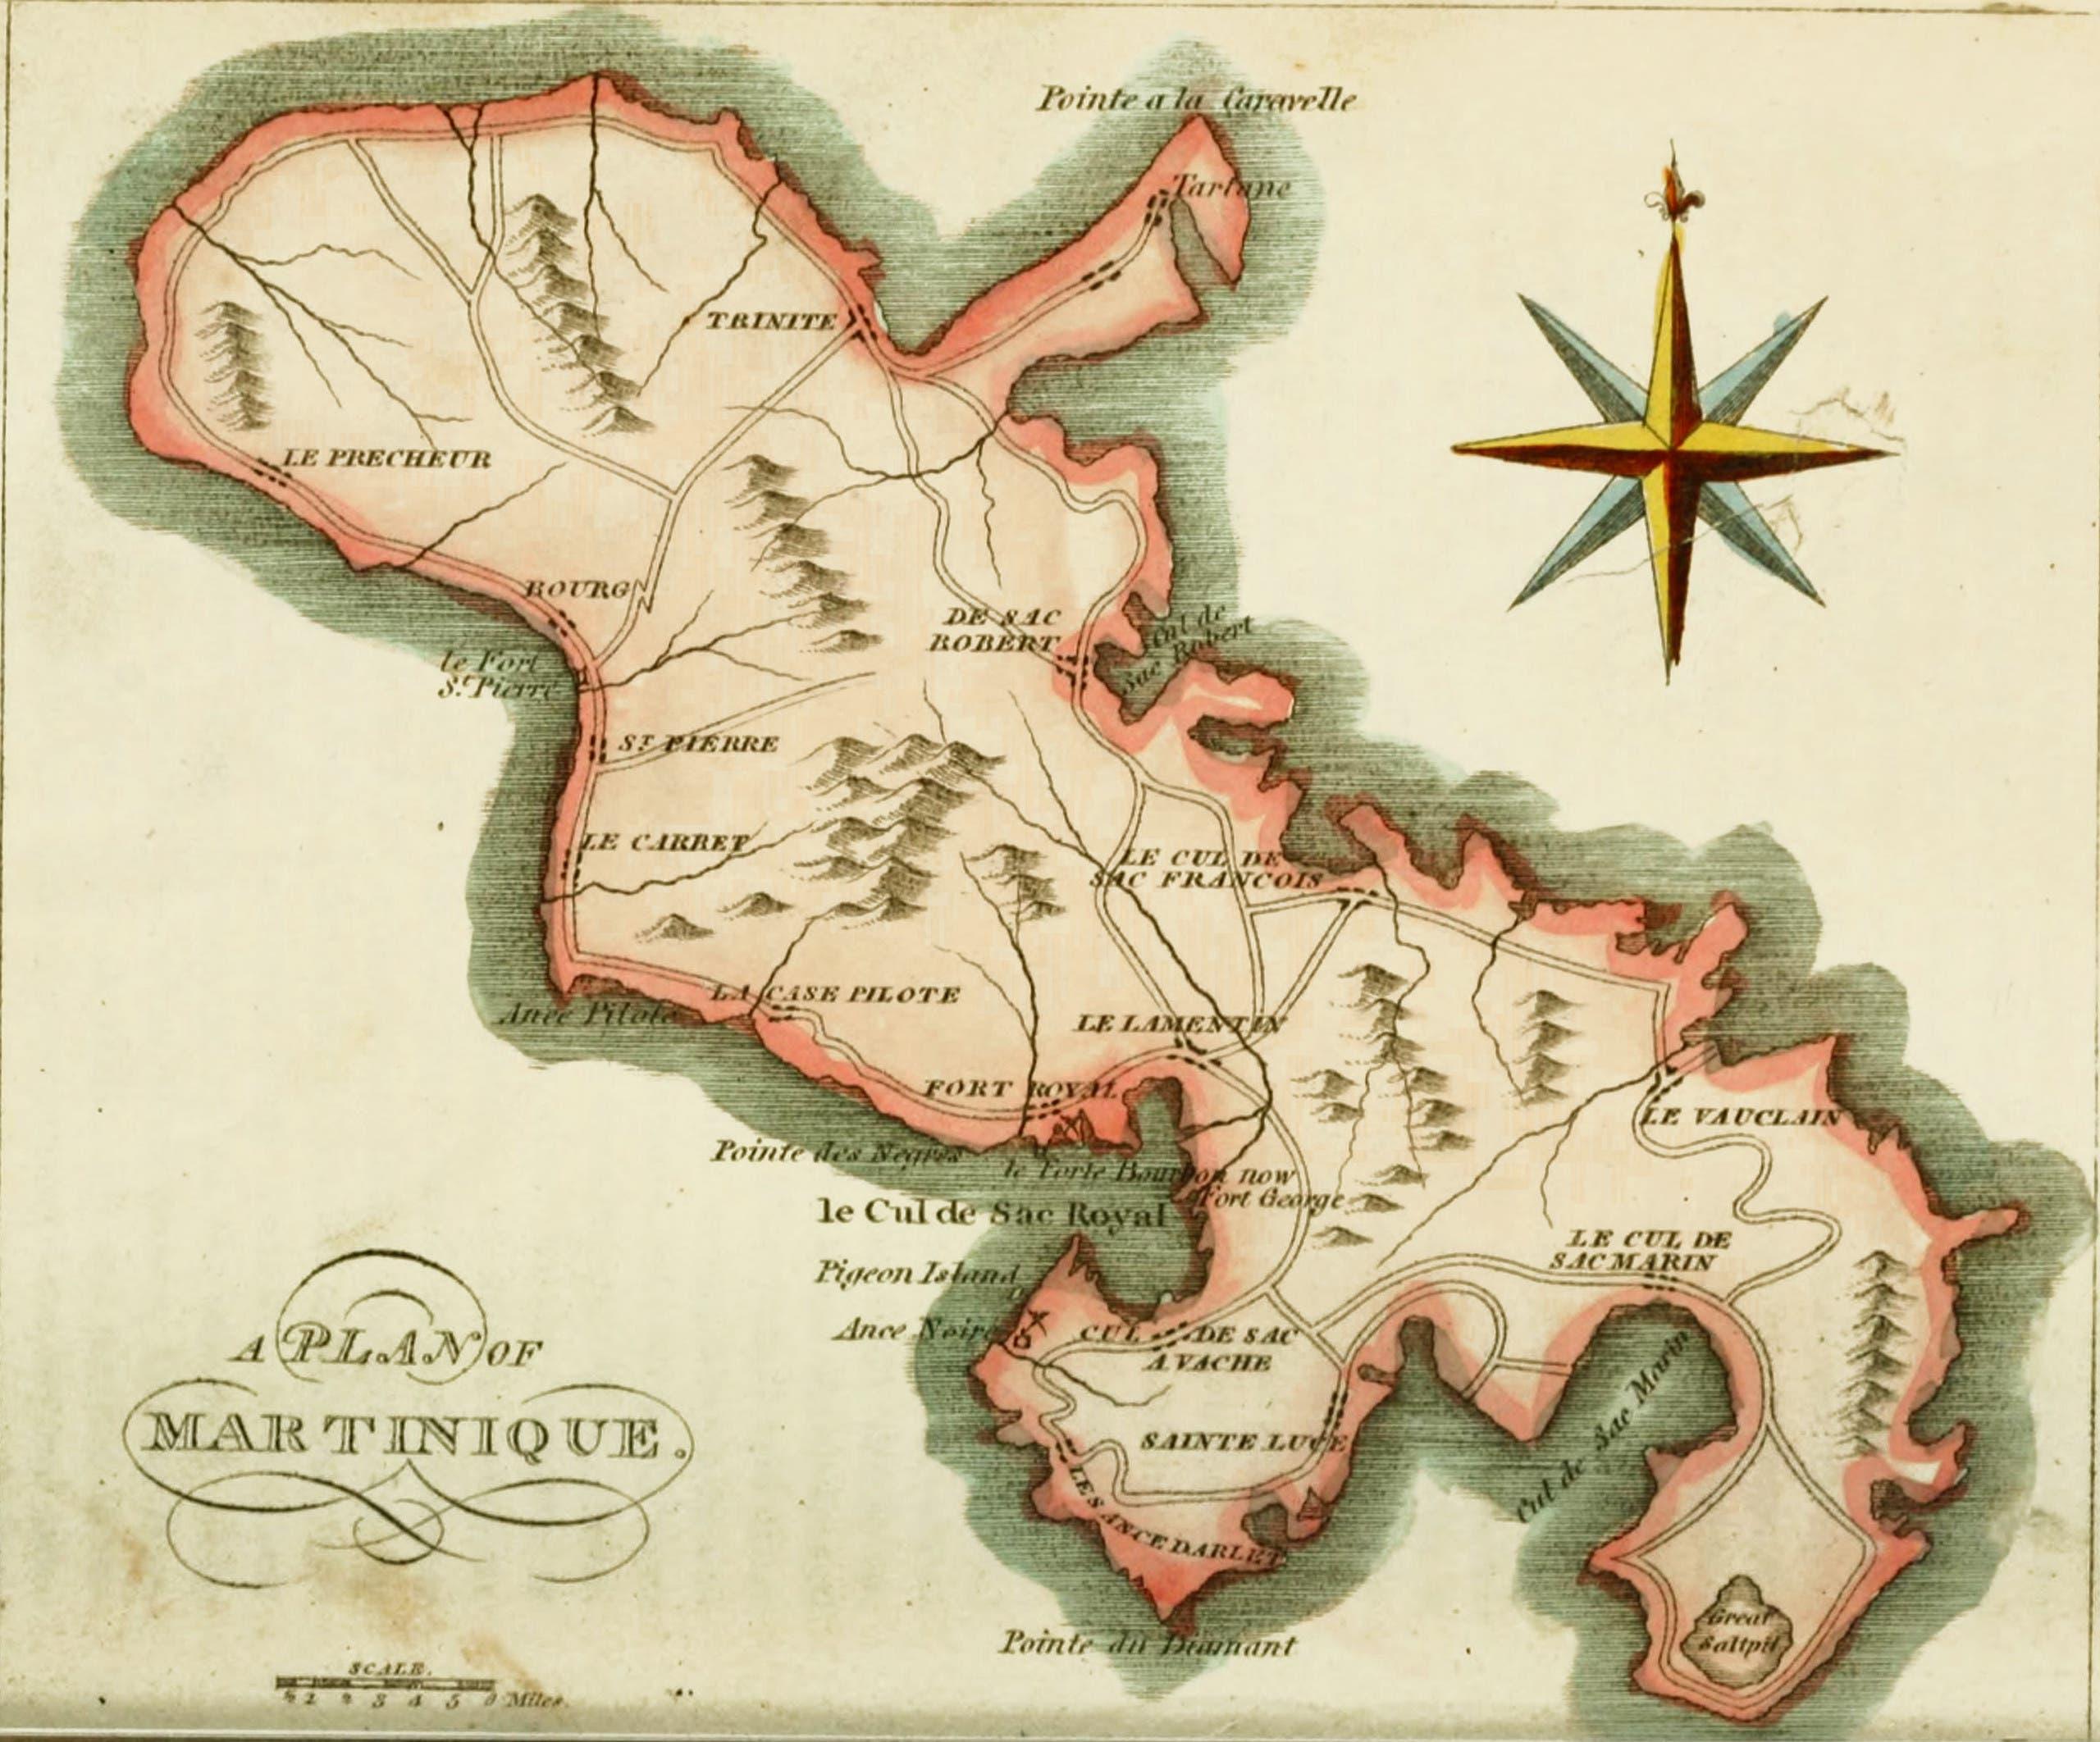 خريطة قديمة لجزيرة مارتينيك